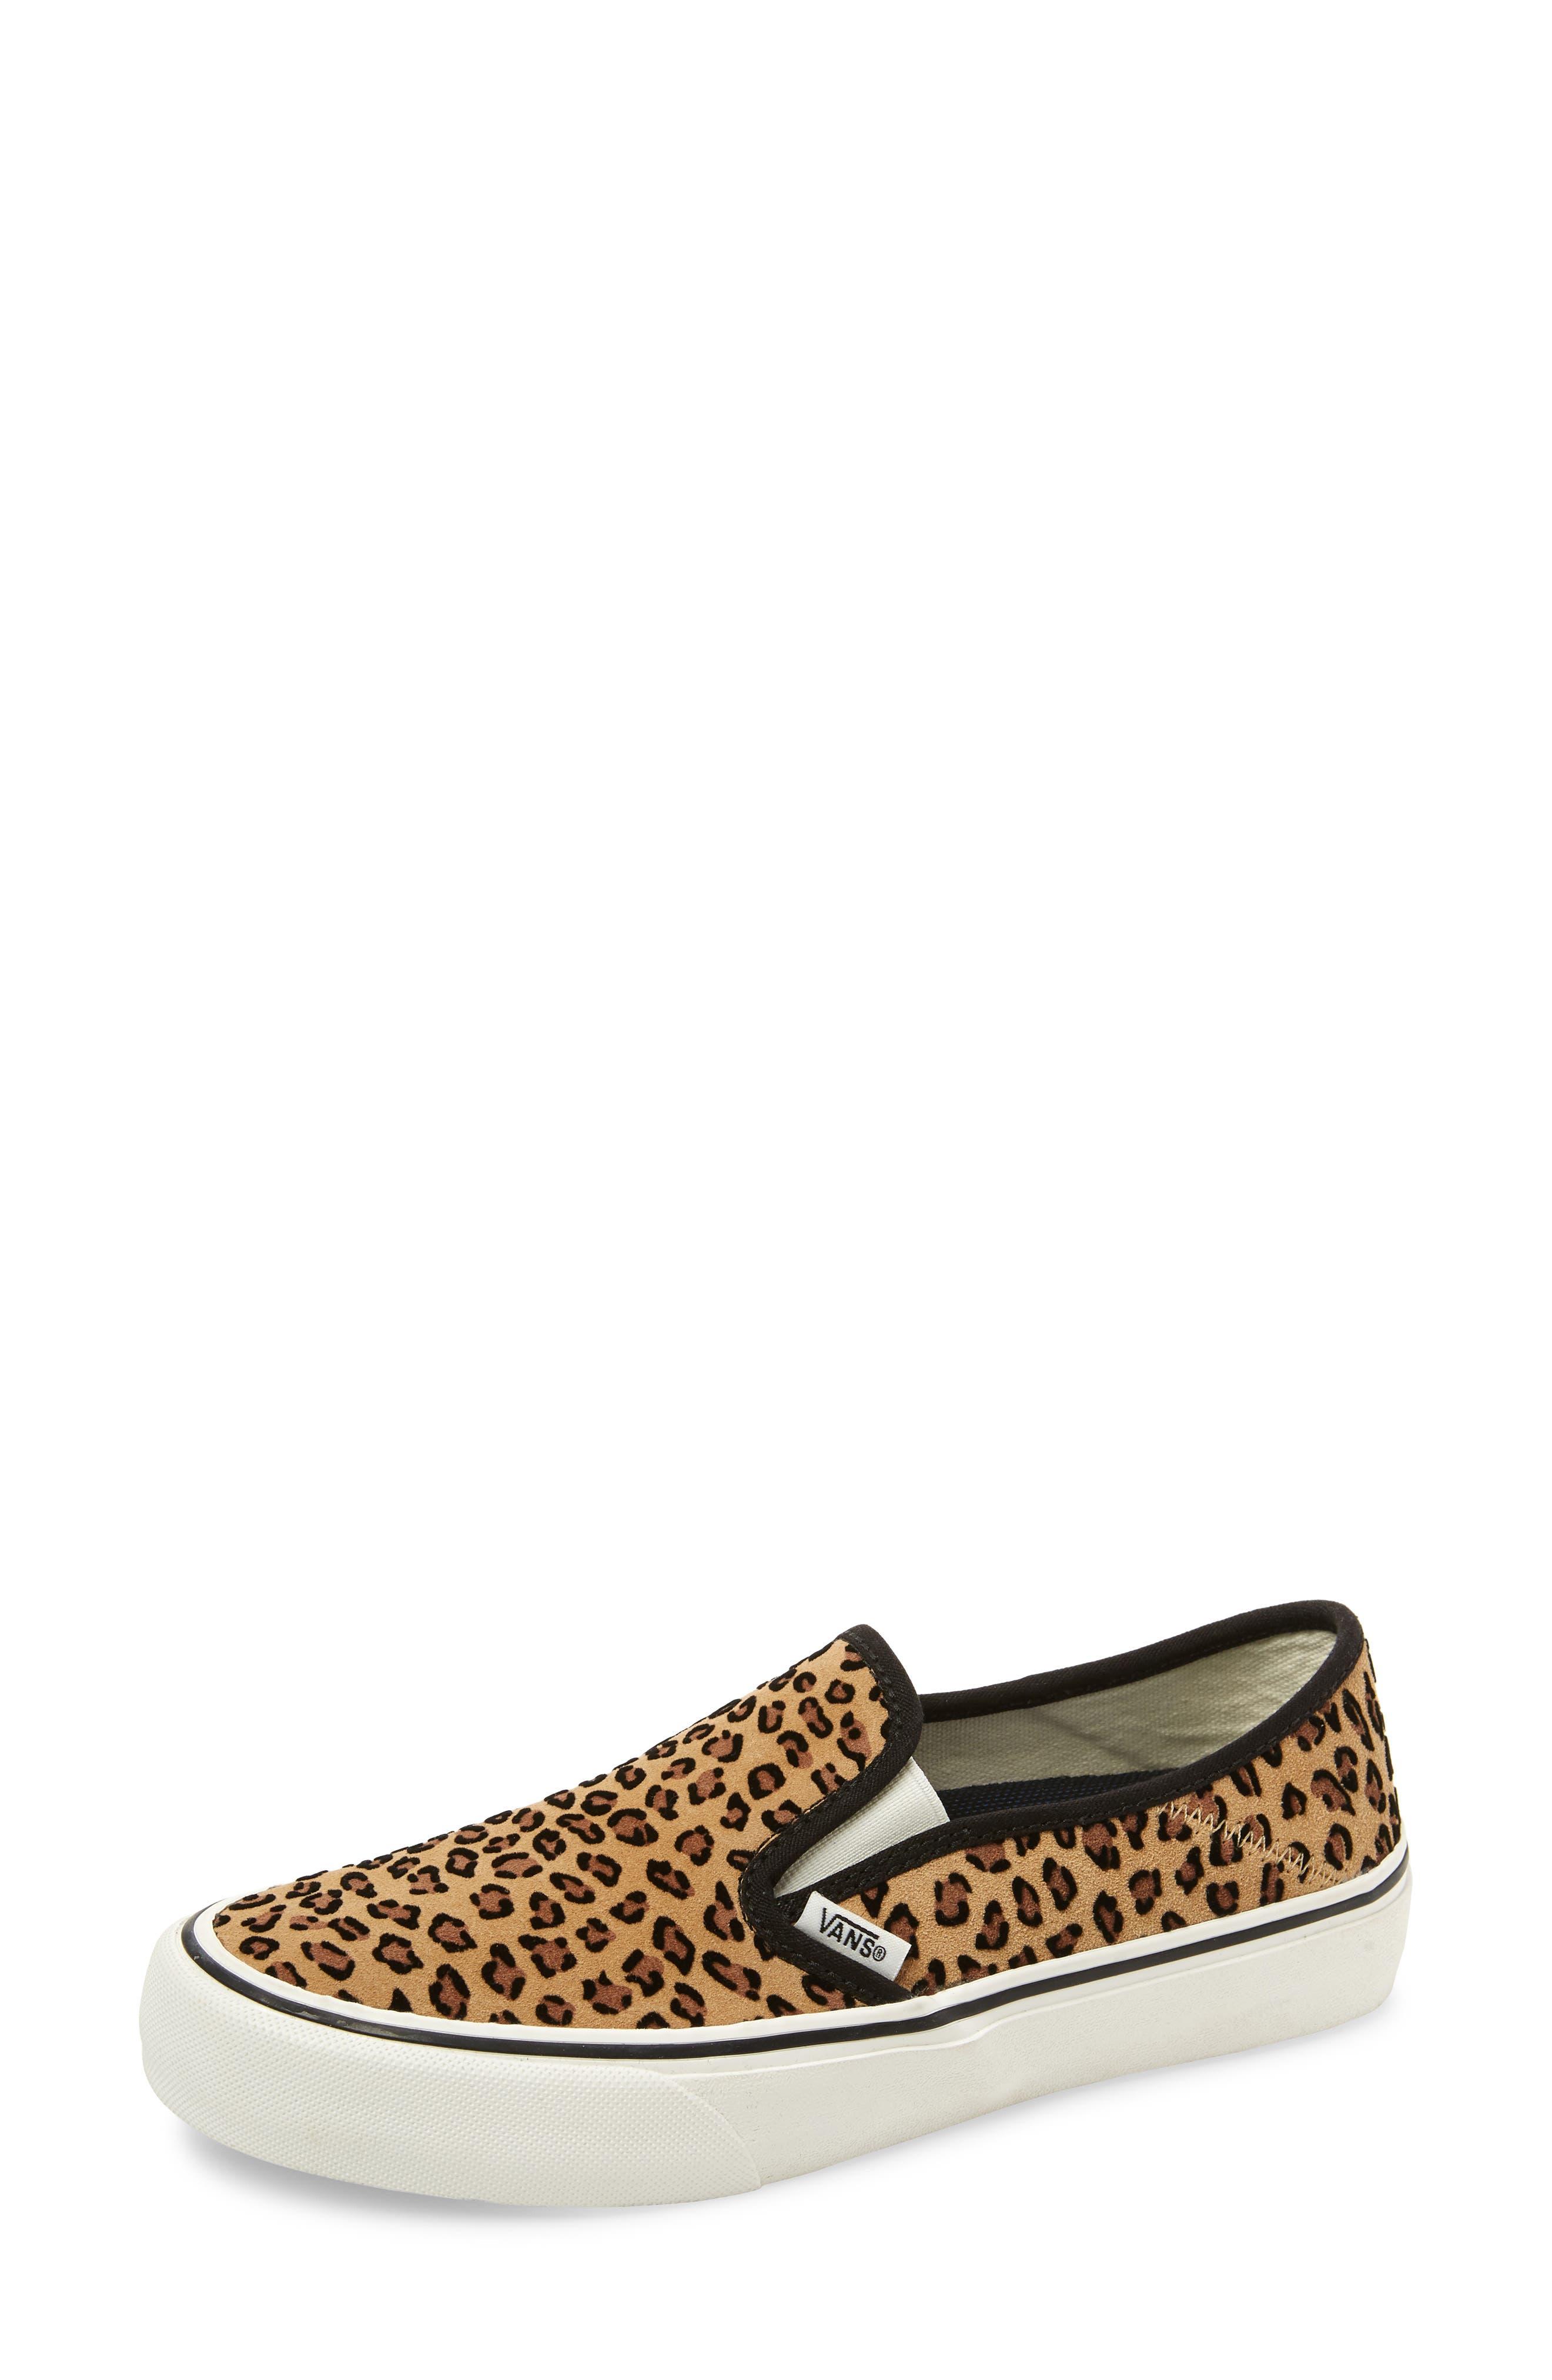 Vans Mini Leopard Slip-On Sneaker